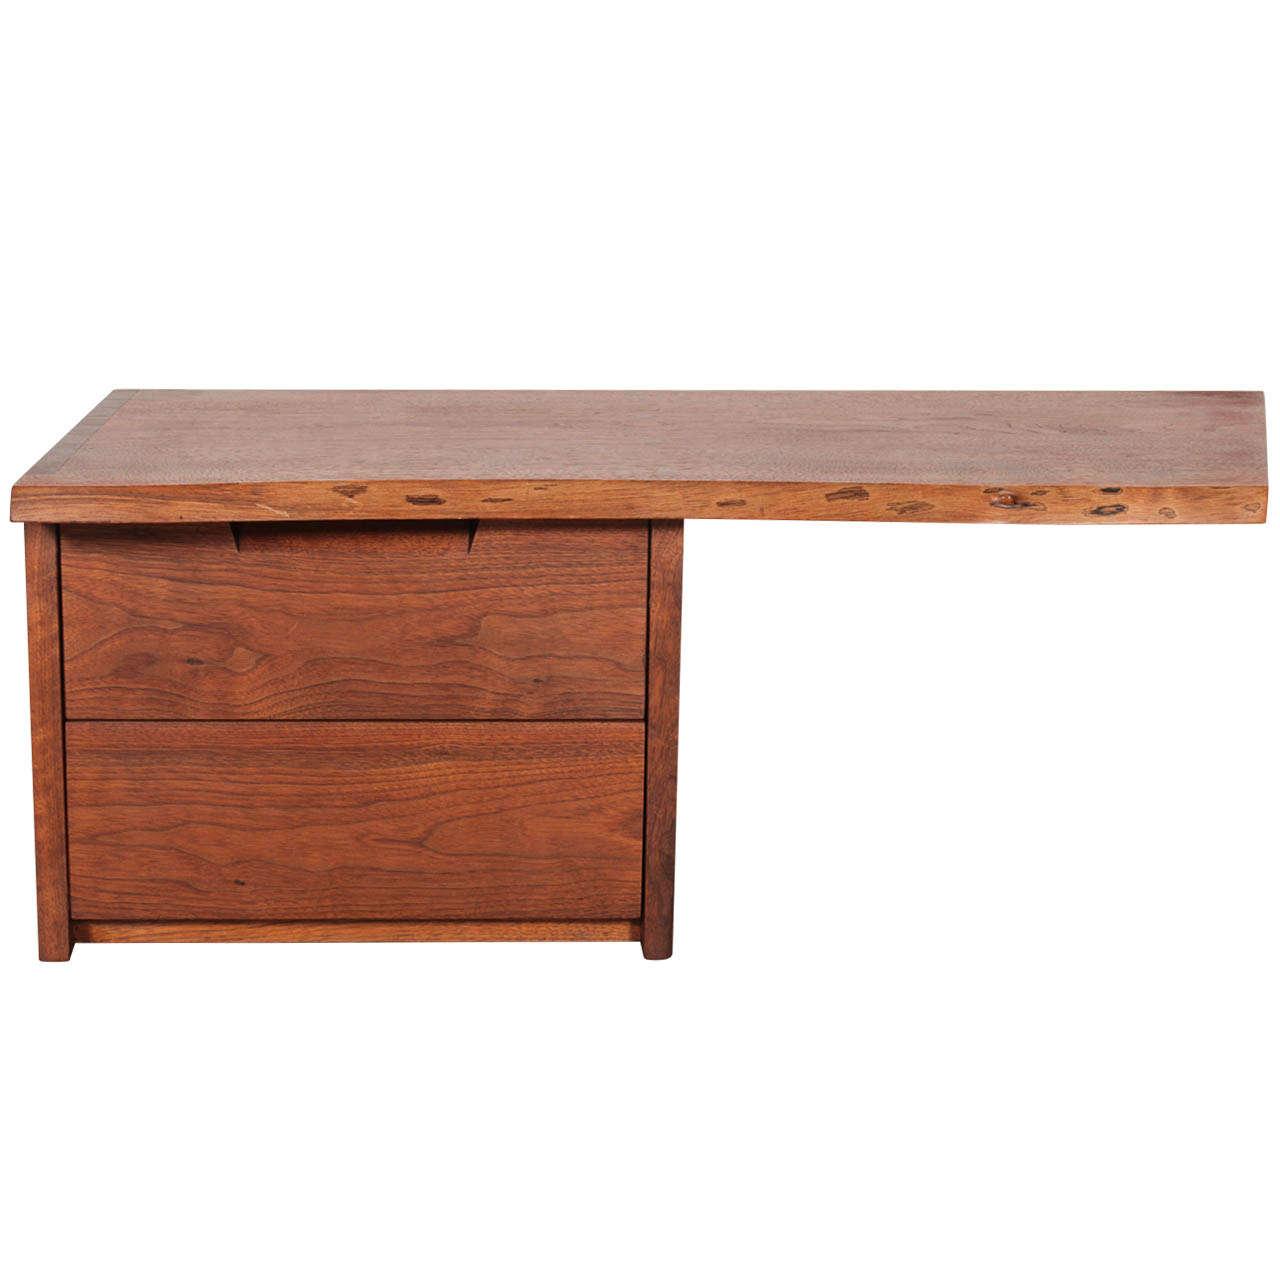 george nakashima wallmounted shelf with drawers 1